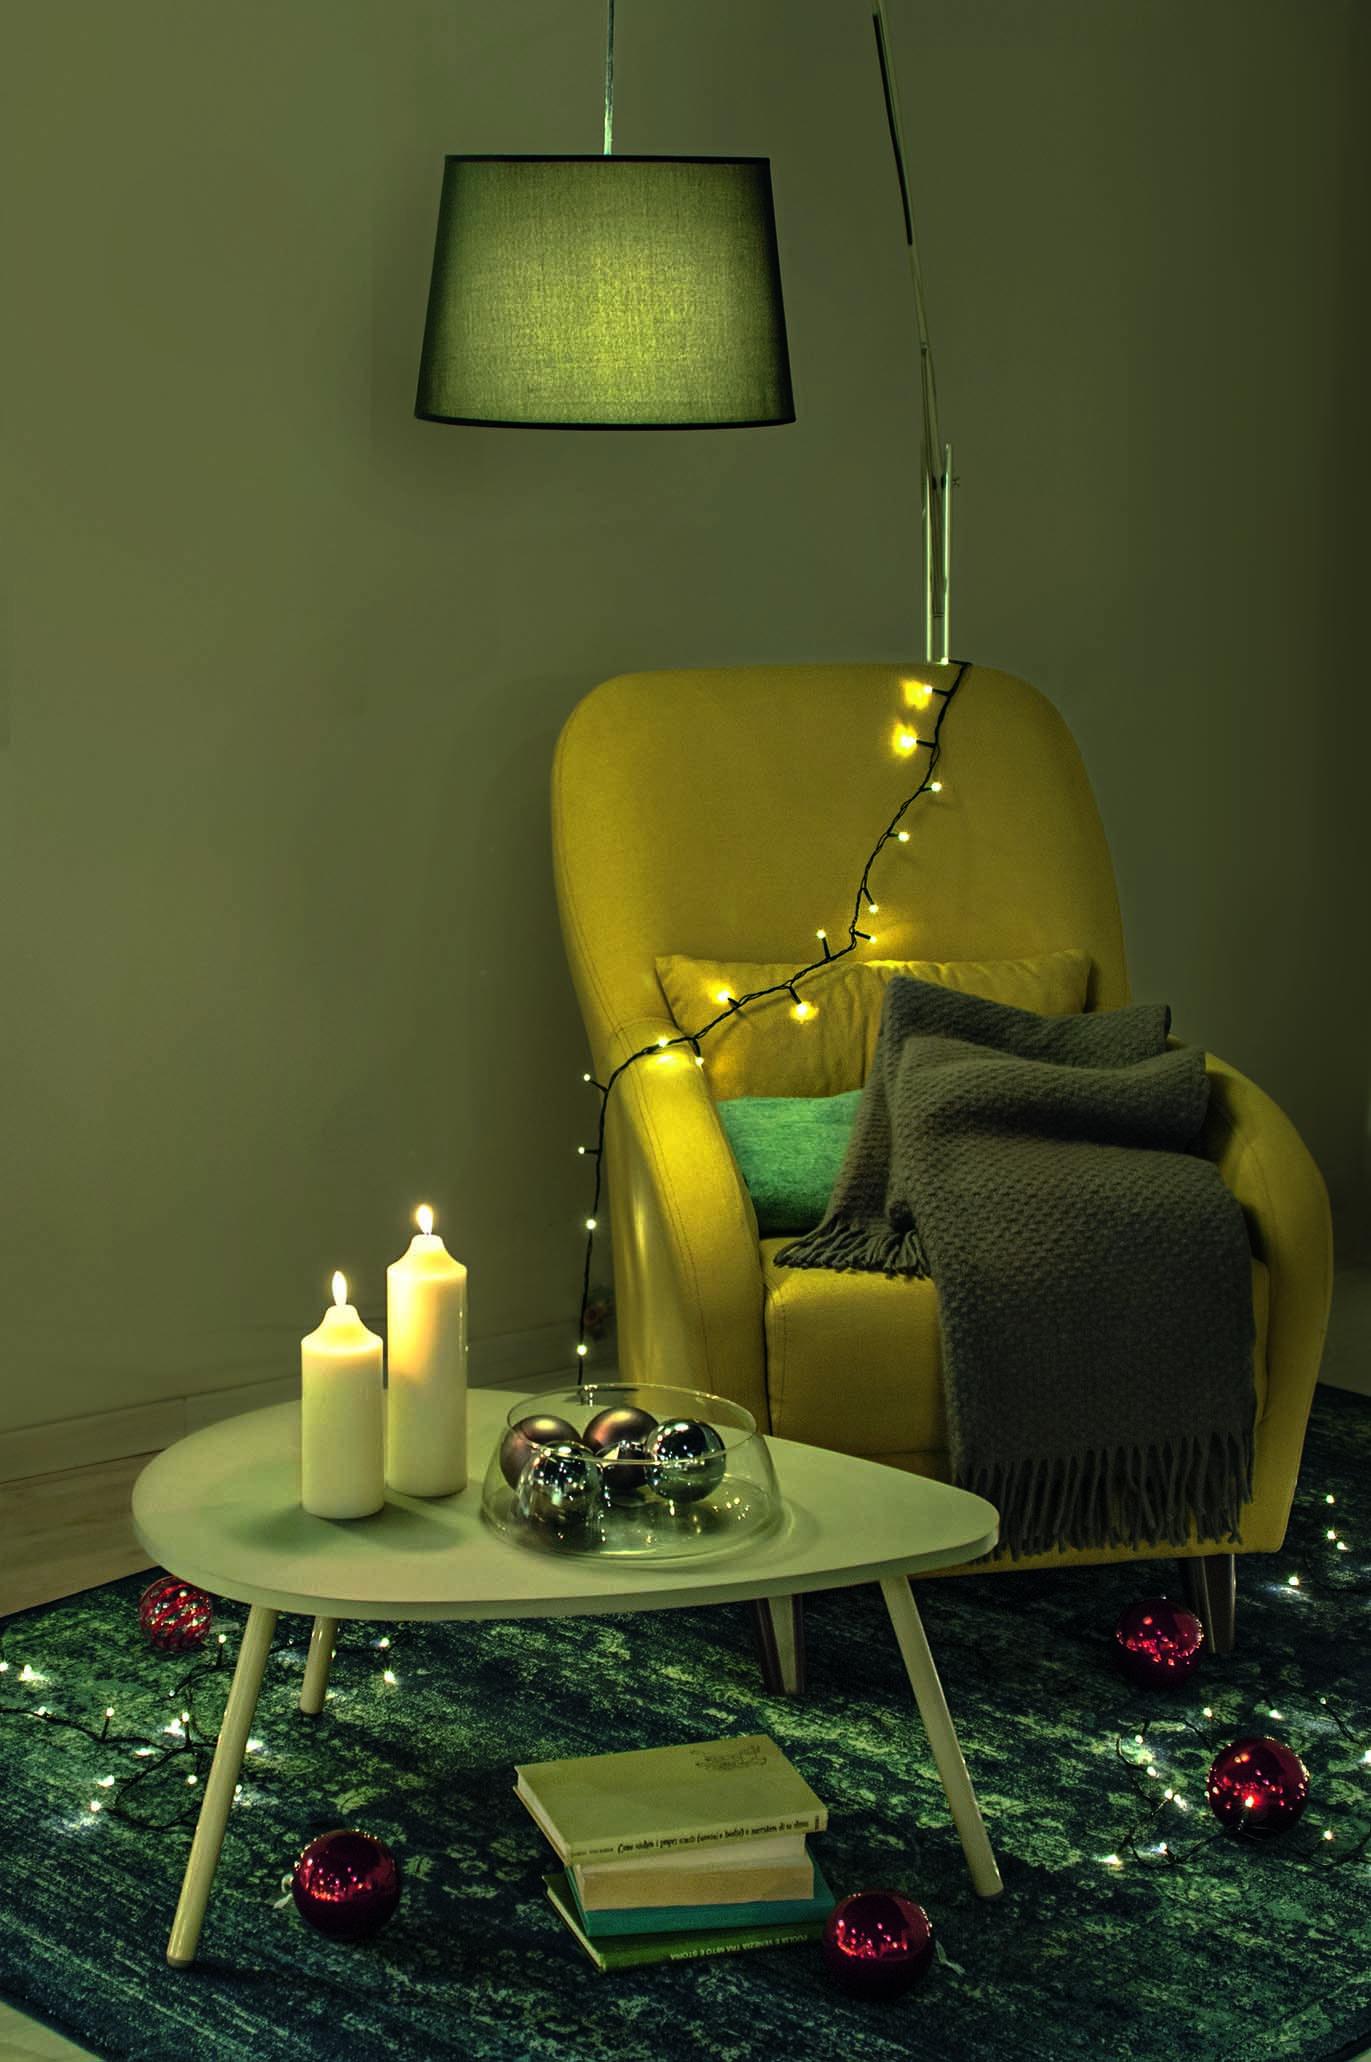 Tutti a casa tua per natale preparati ricci casa ti aiuta a creare la perfetta atmosfera - Ricci casa milano ...